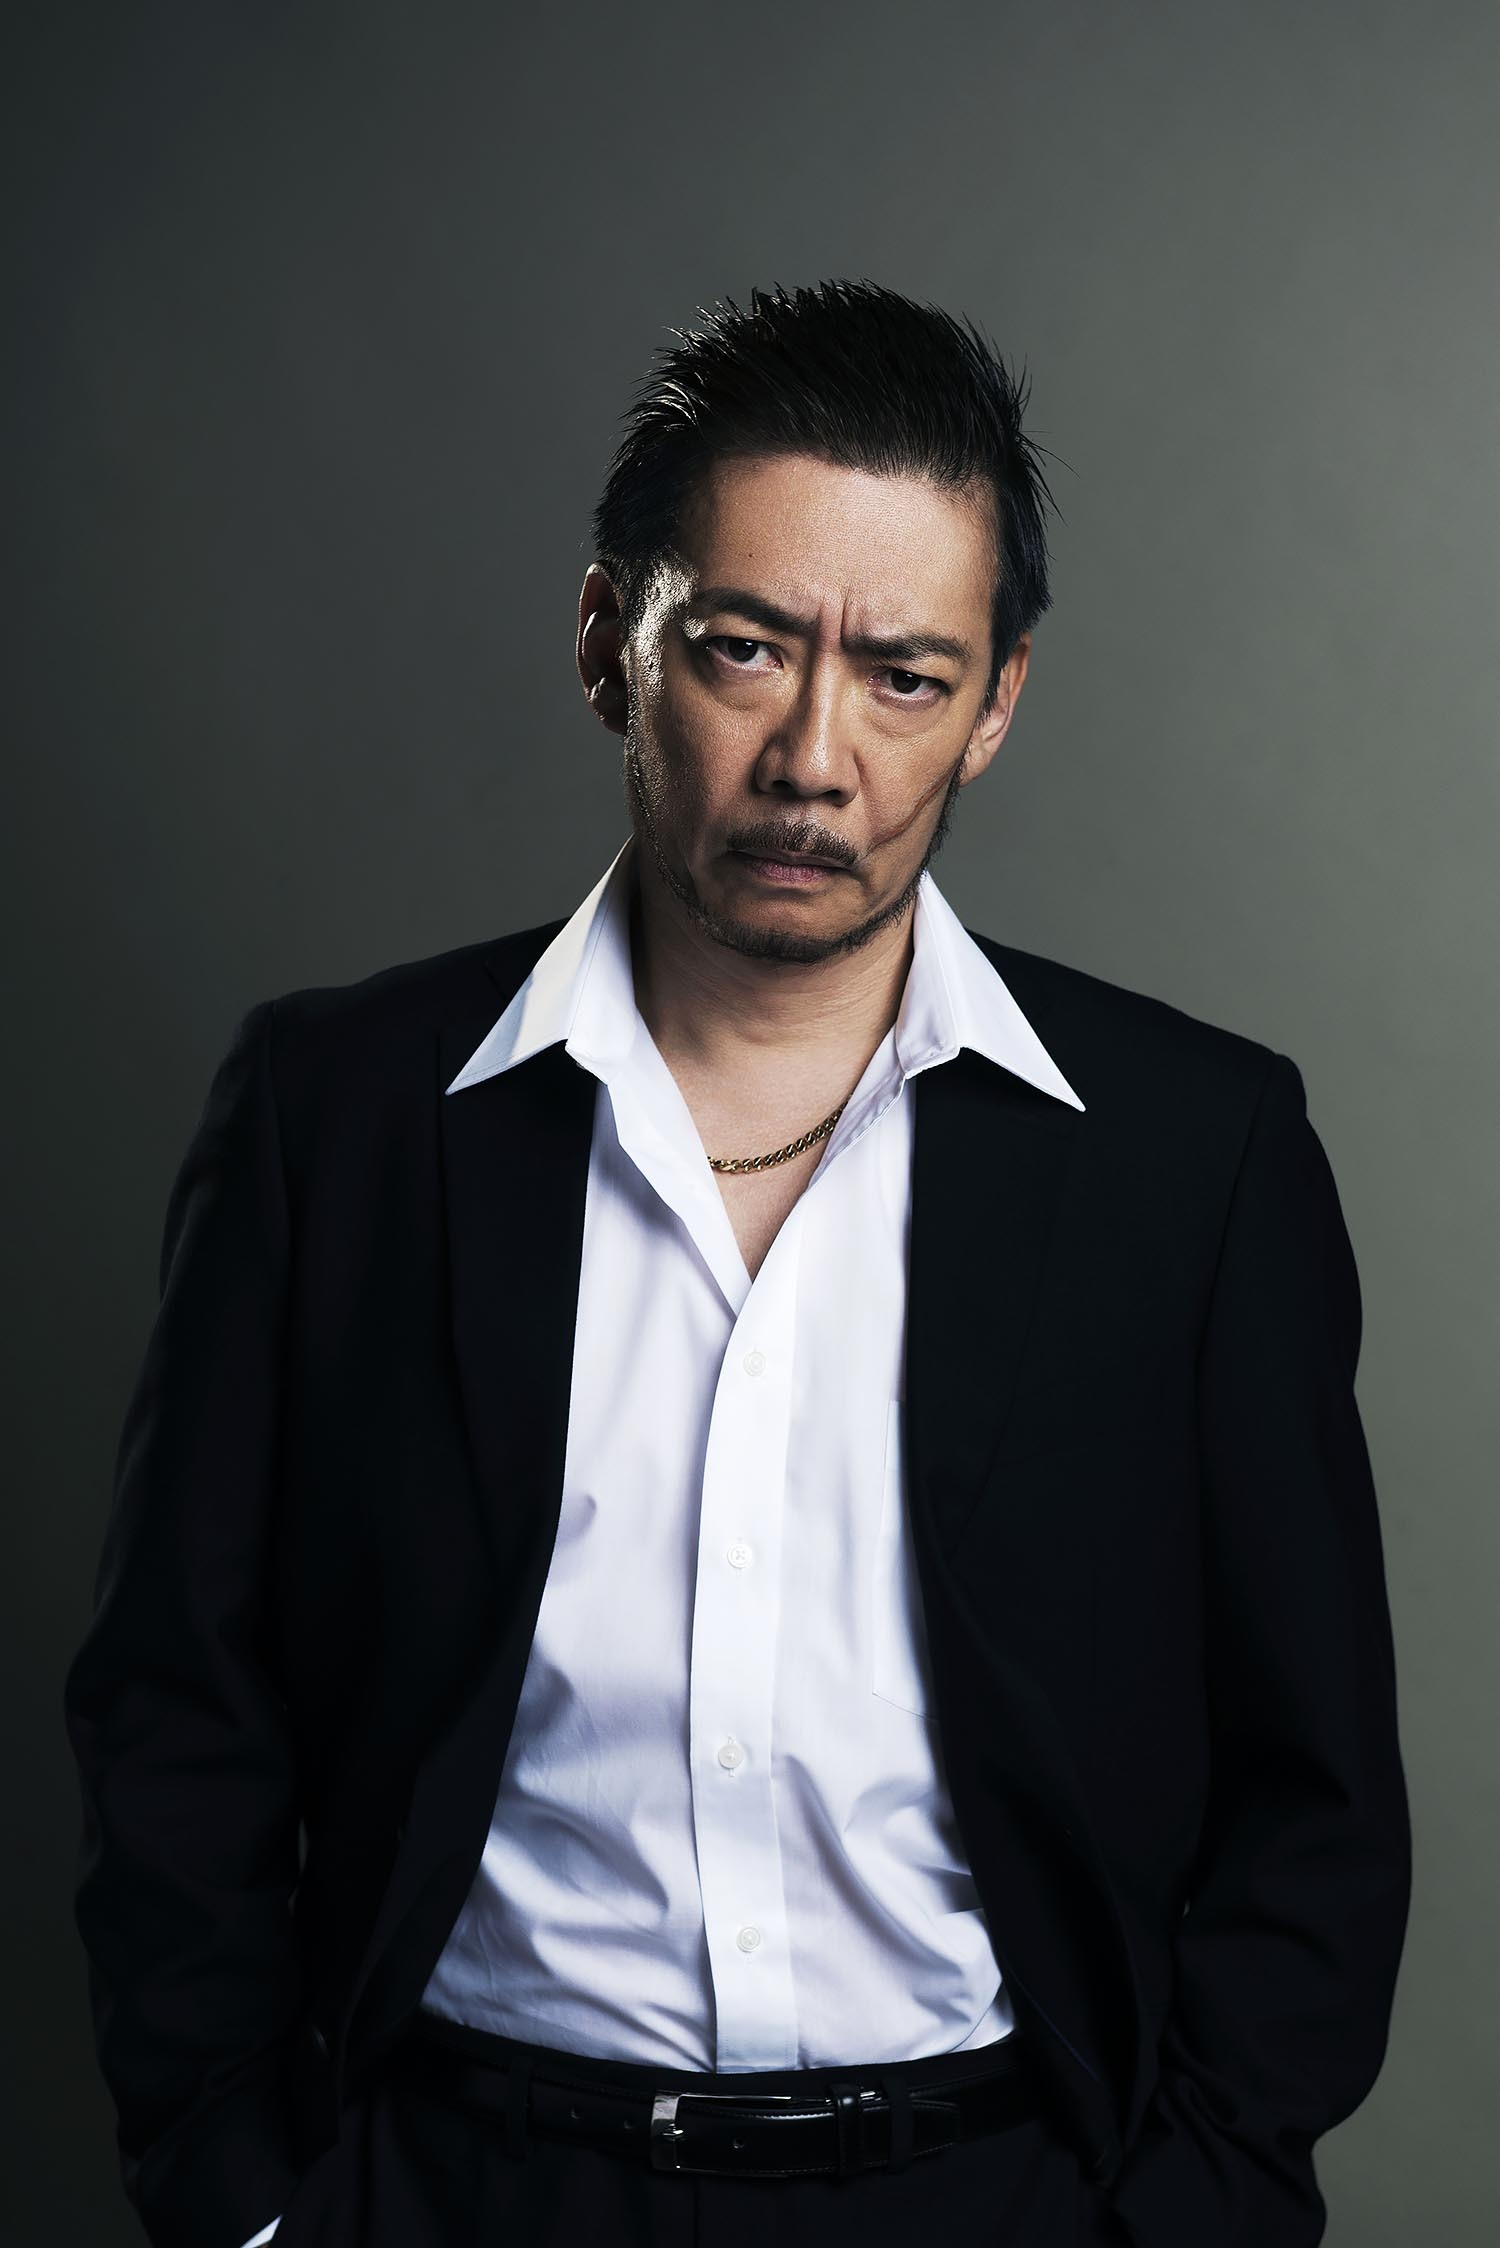 『ドラマ24「侠飯~おとこめし~」』生瀬勝久